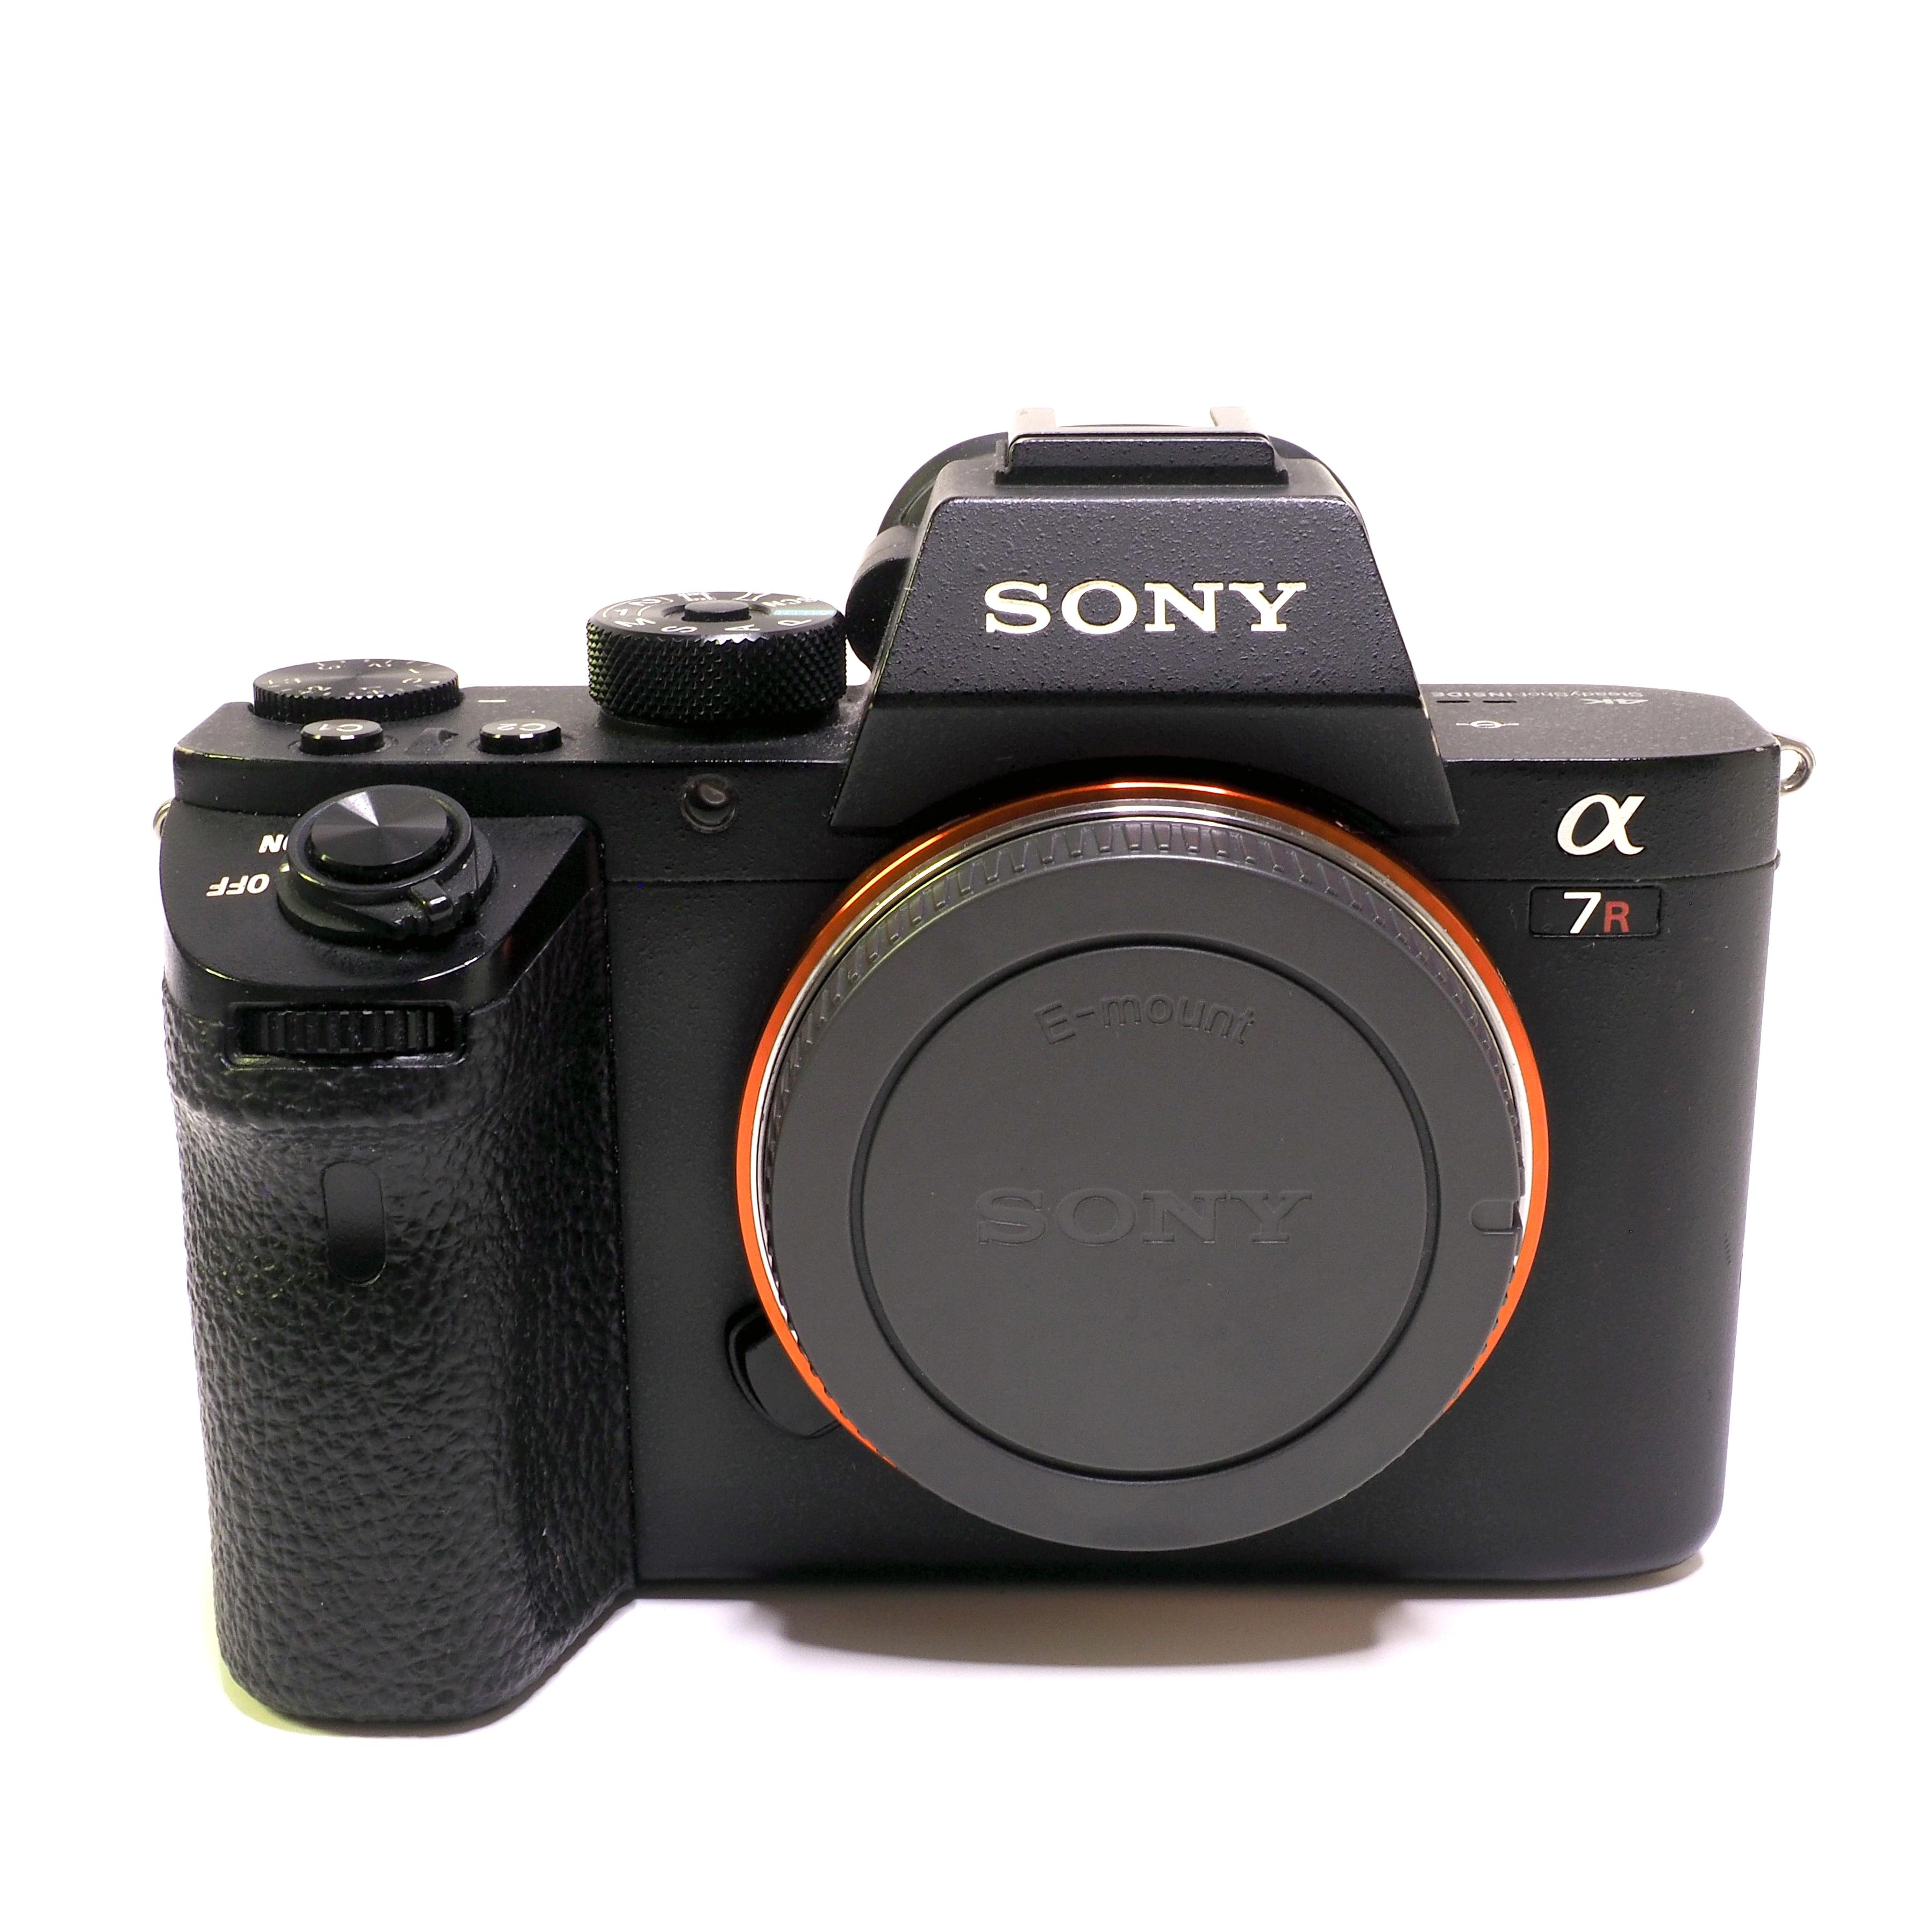 Sony A7R II kamerahus - BEGAGNAT